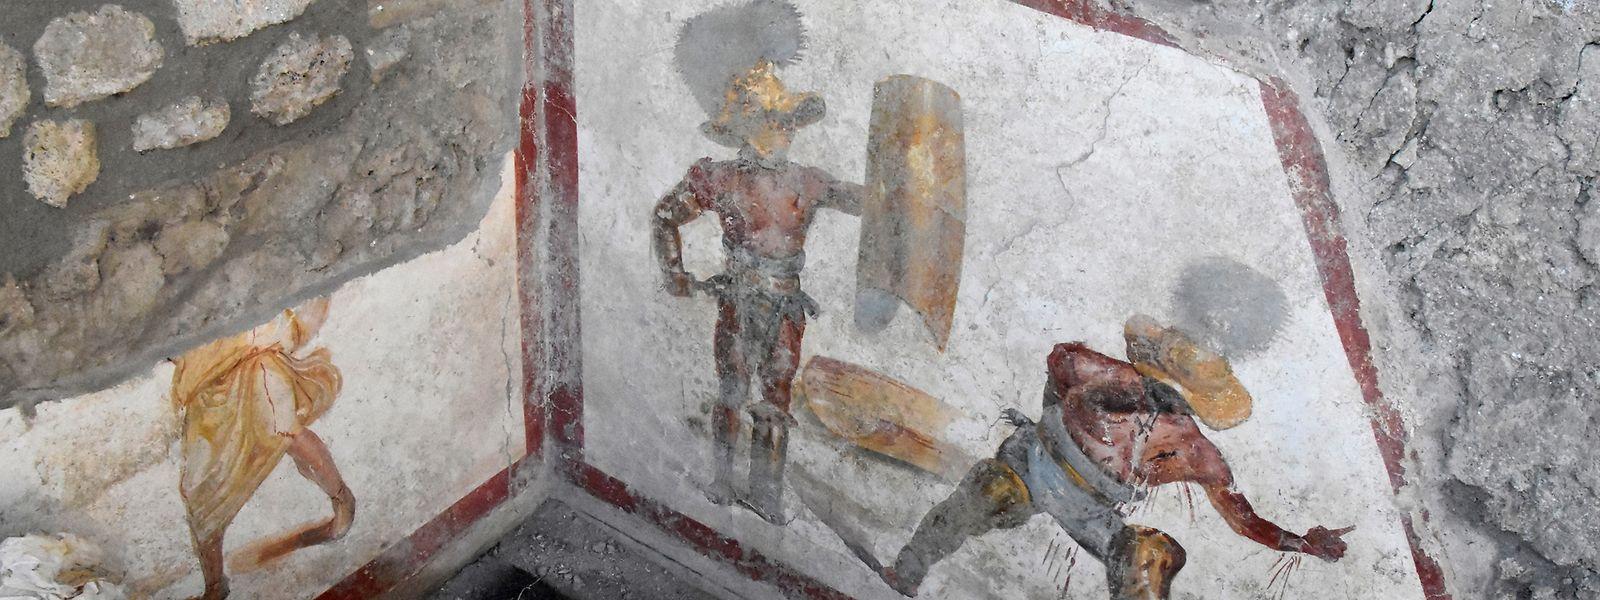 Zwei Gladiatoren sind auf einem Fresko zu sehen. Es zeigt zwei Kämpfer, der eine mit einem Schutzschild und einem Schwert. Der andere geht blutend zu Boden.